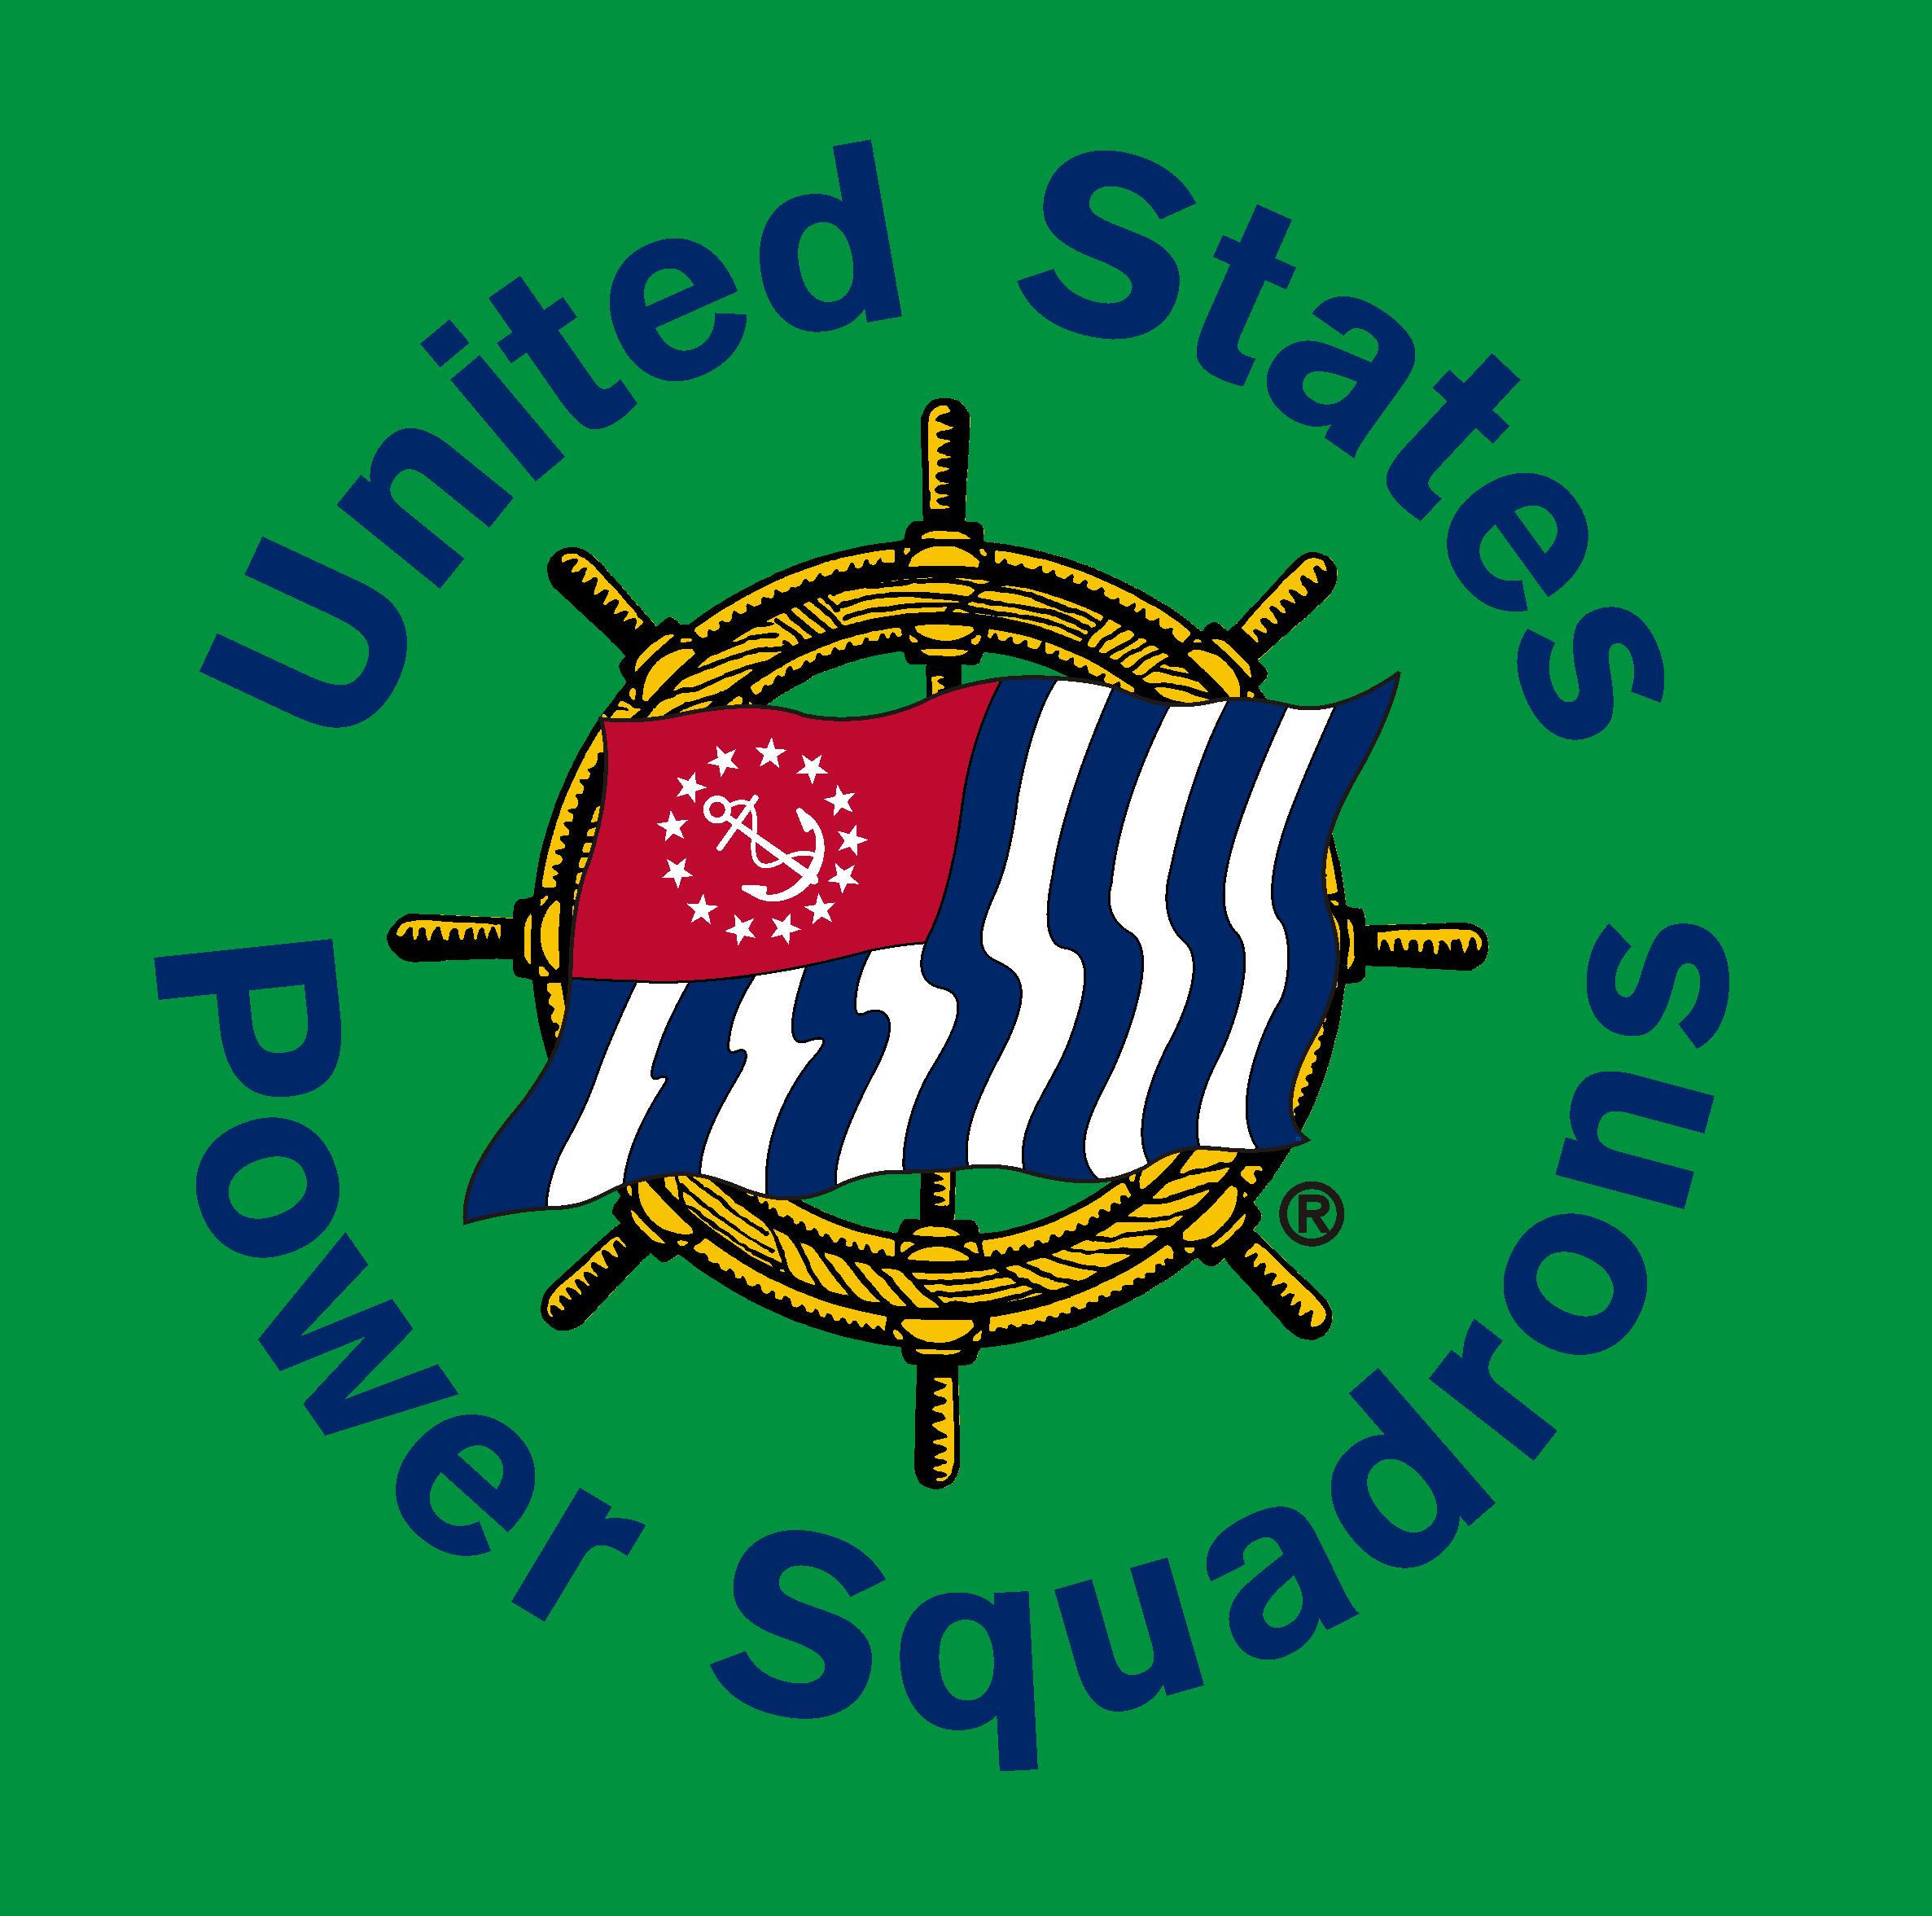 USPS Wheel